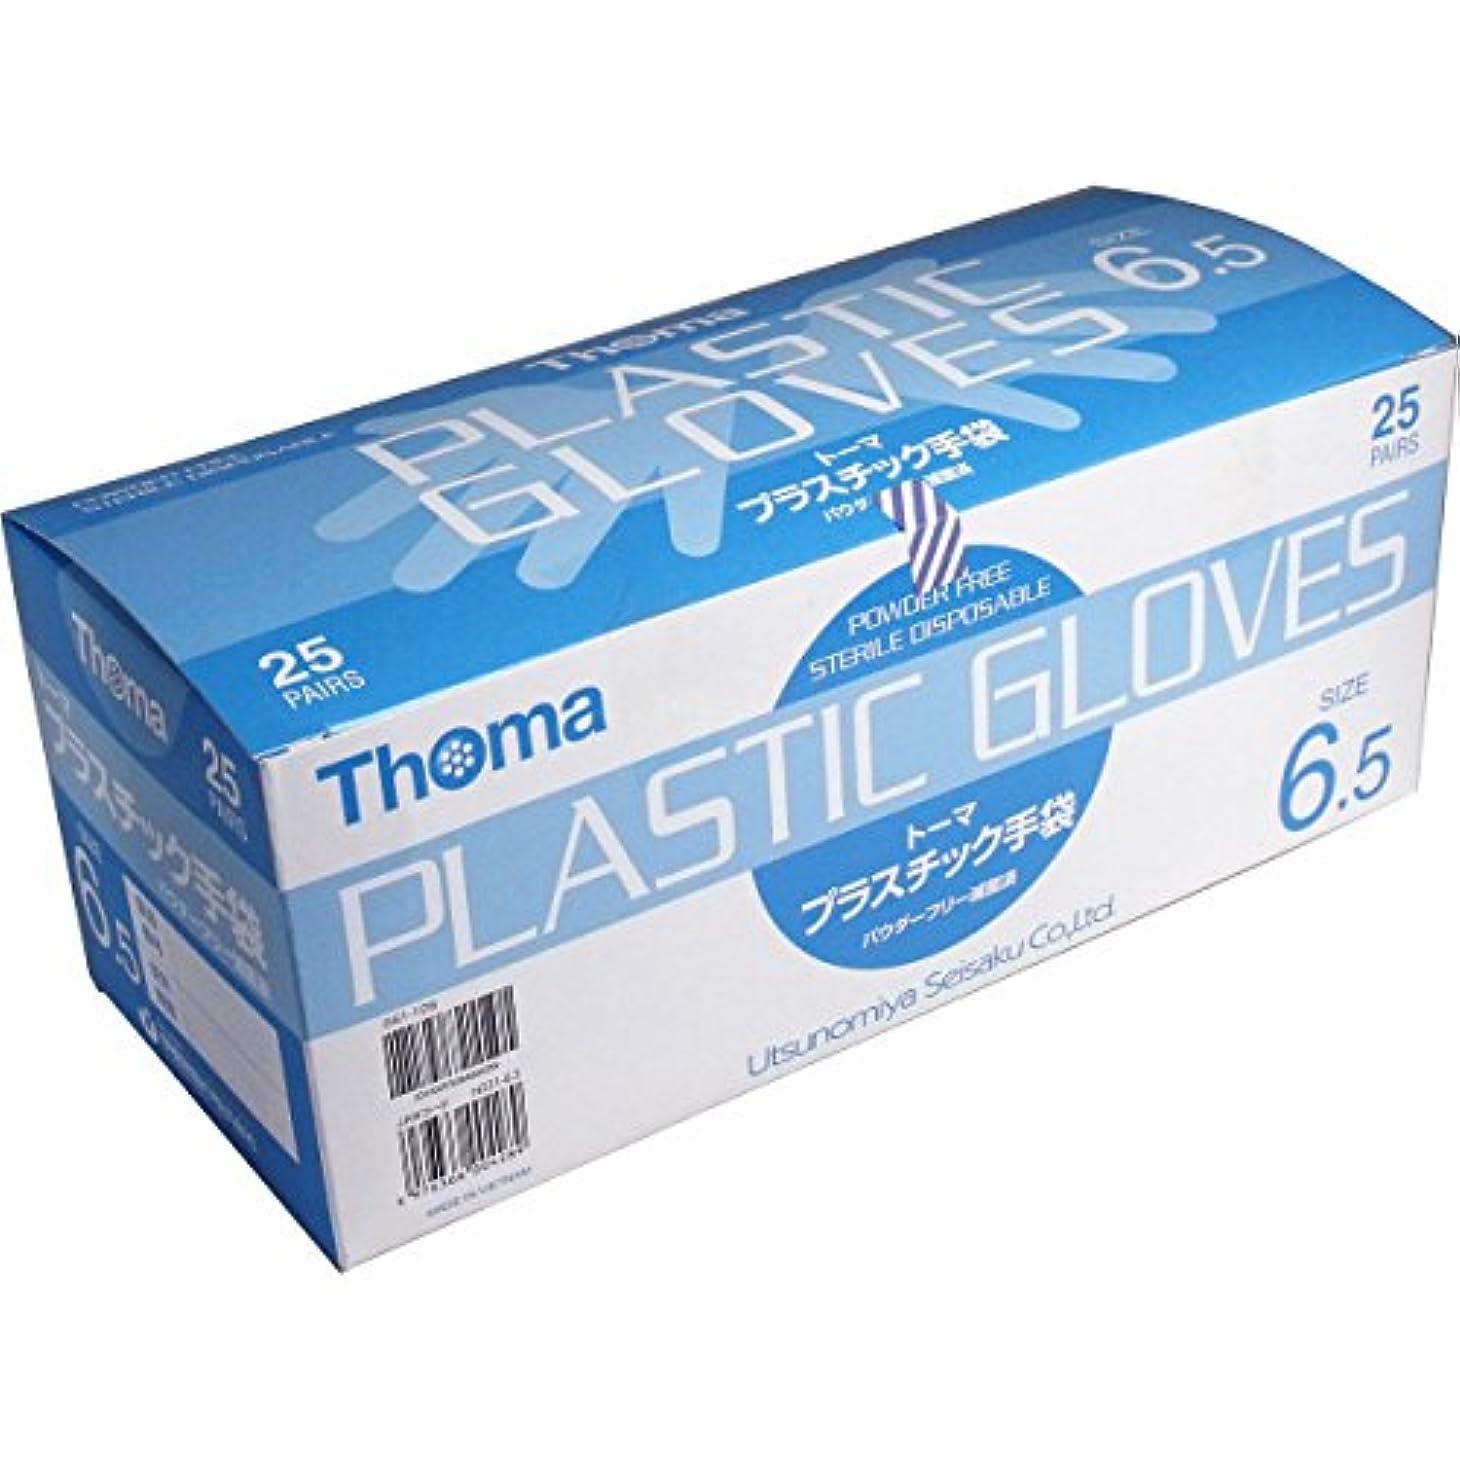 窓を洗う研磨剤ひねり超薄手プラスチック手袋 1双毎に滅菌包装、衛生的 便利 トーマ プラスチック手袋 パウダーフリー滅菌済 25双入 サイズ6.5【5個セット】